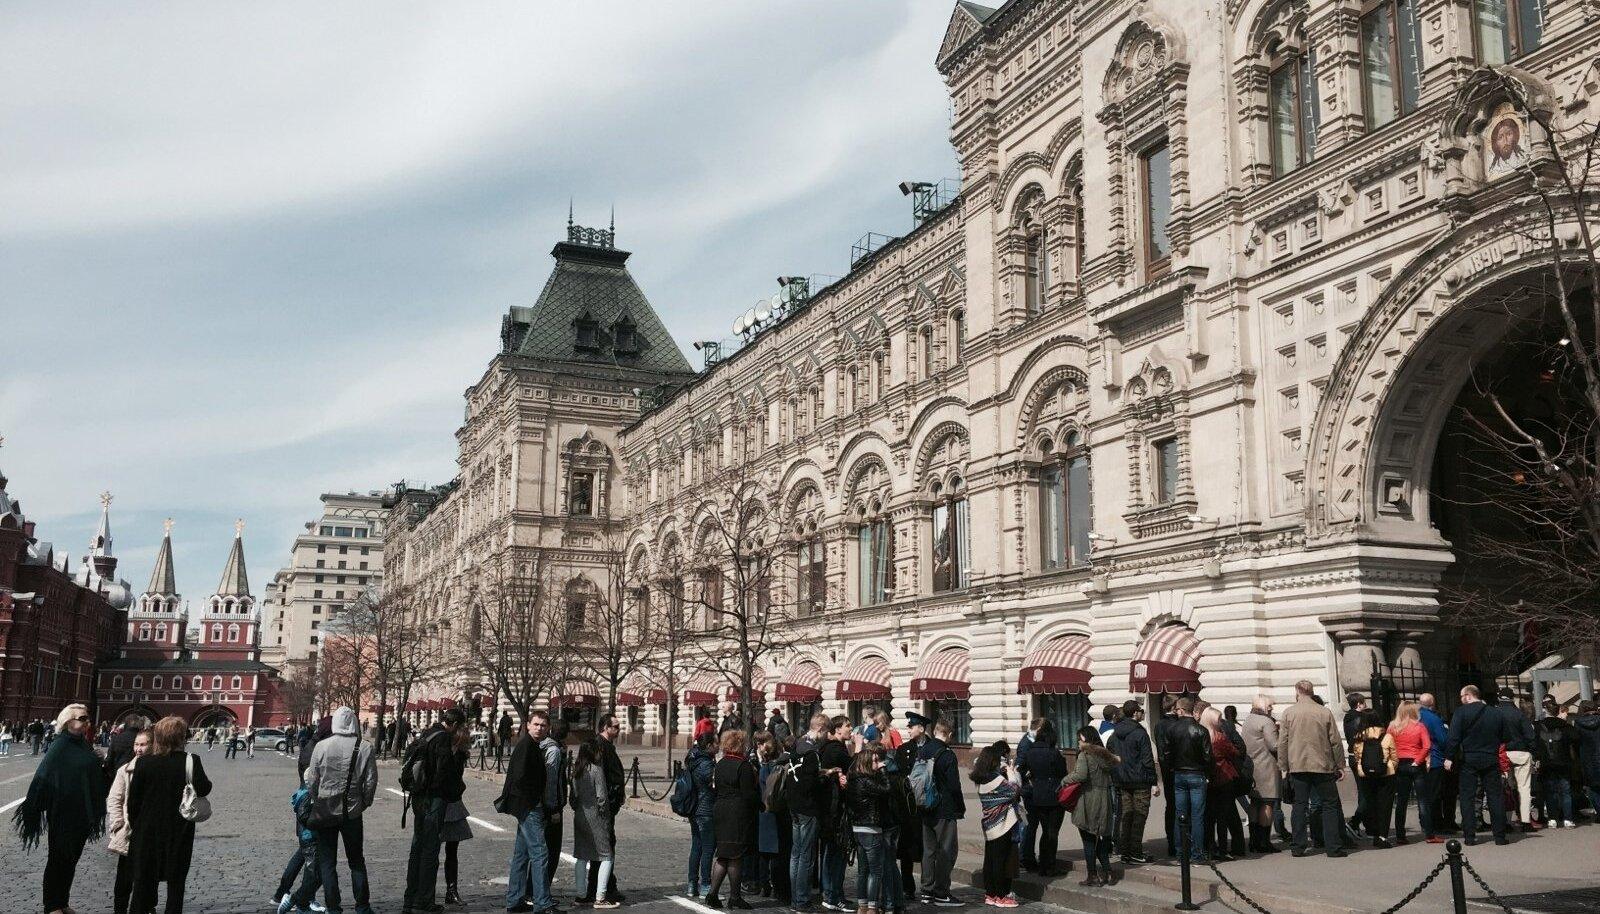 Moskvas kohtab ka järjekordi. Näiteks kuulsa GUM-i kaubamaja sissepääsu juures lookleb keset päeva nõukaaega meenutav järjekord.